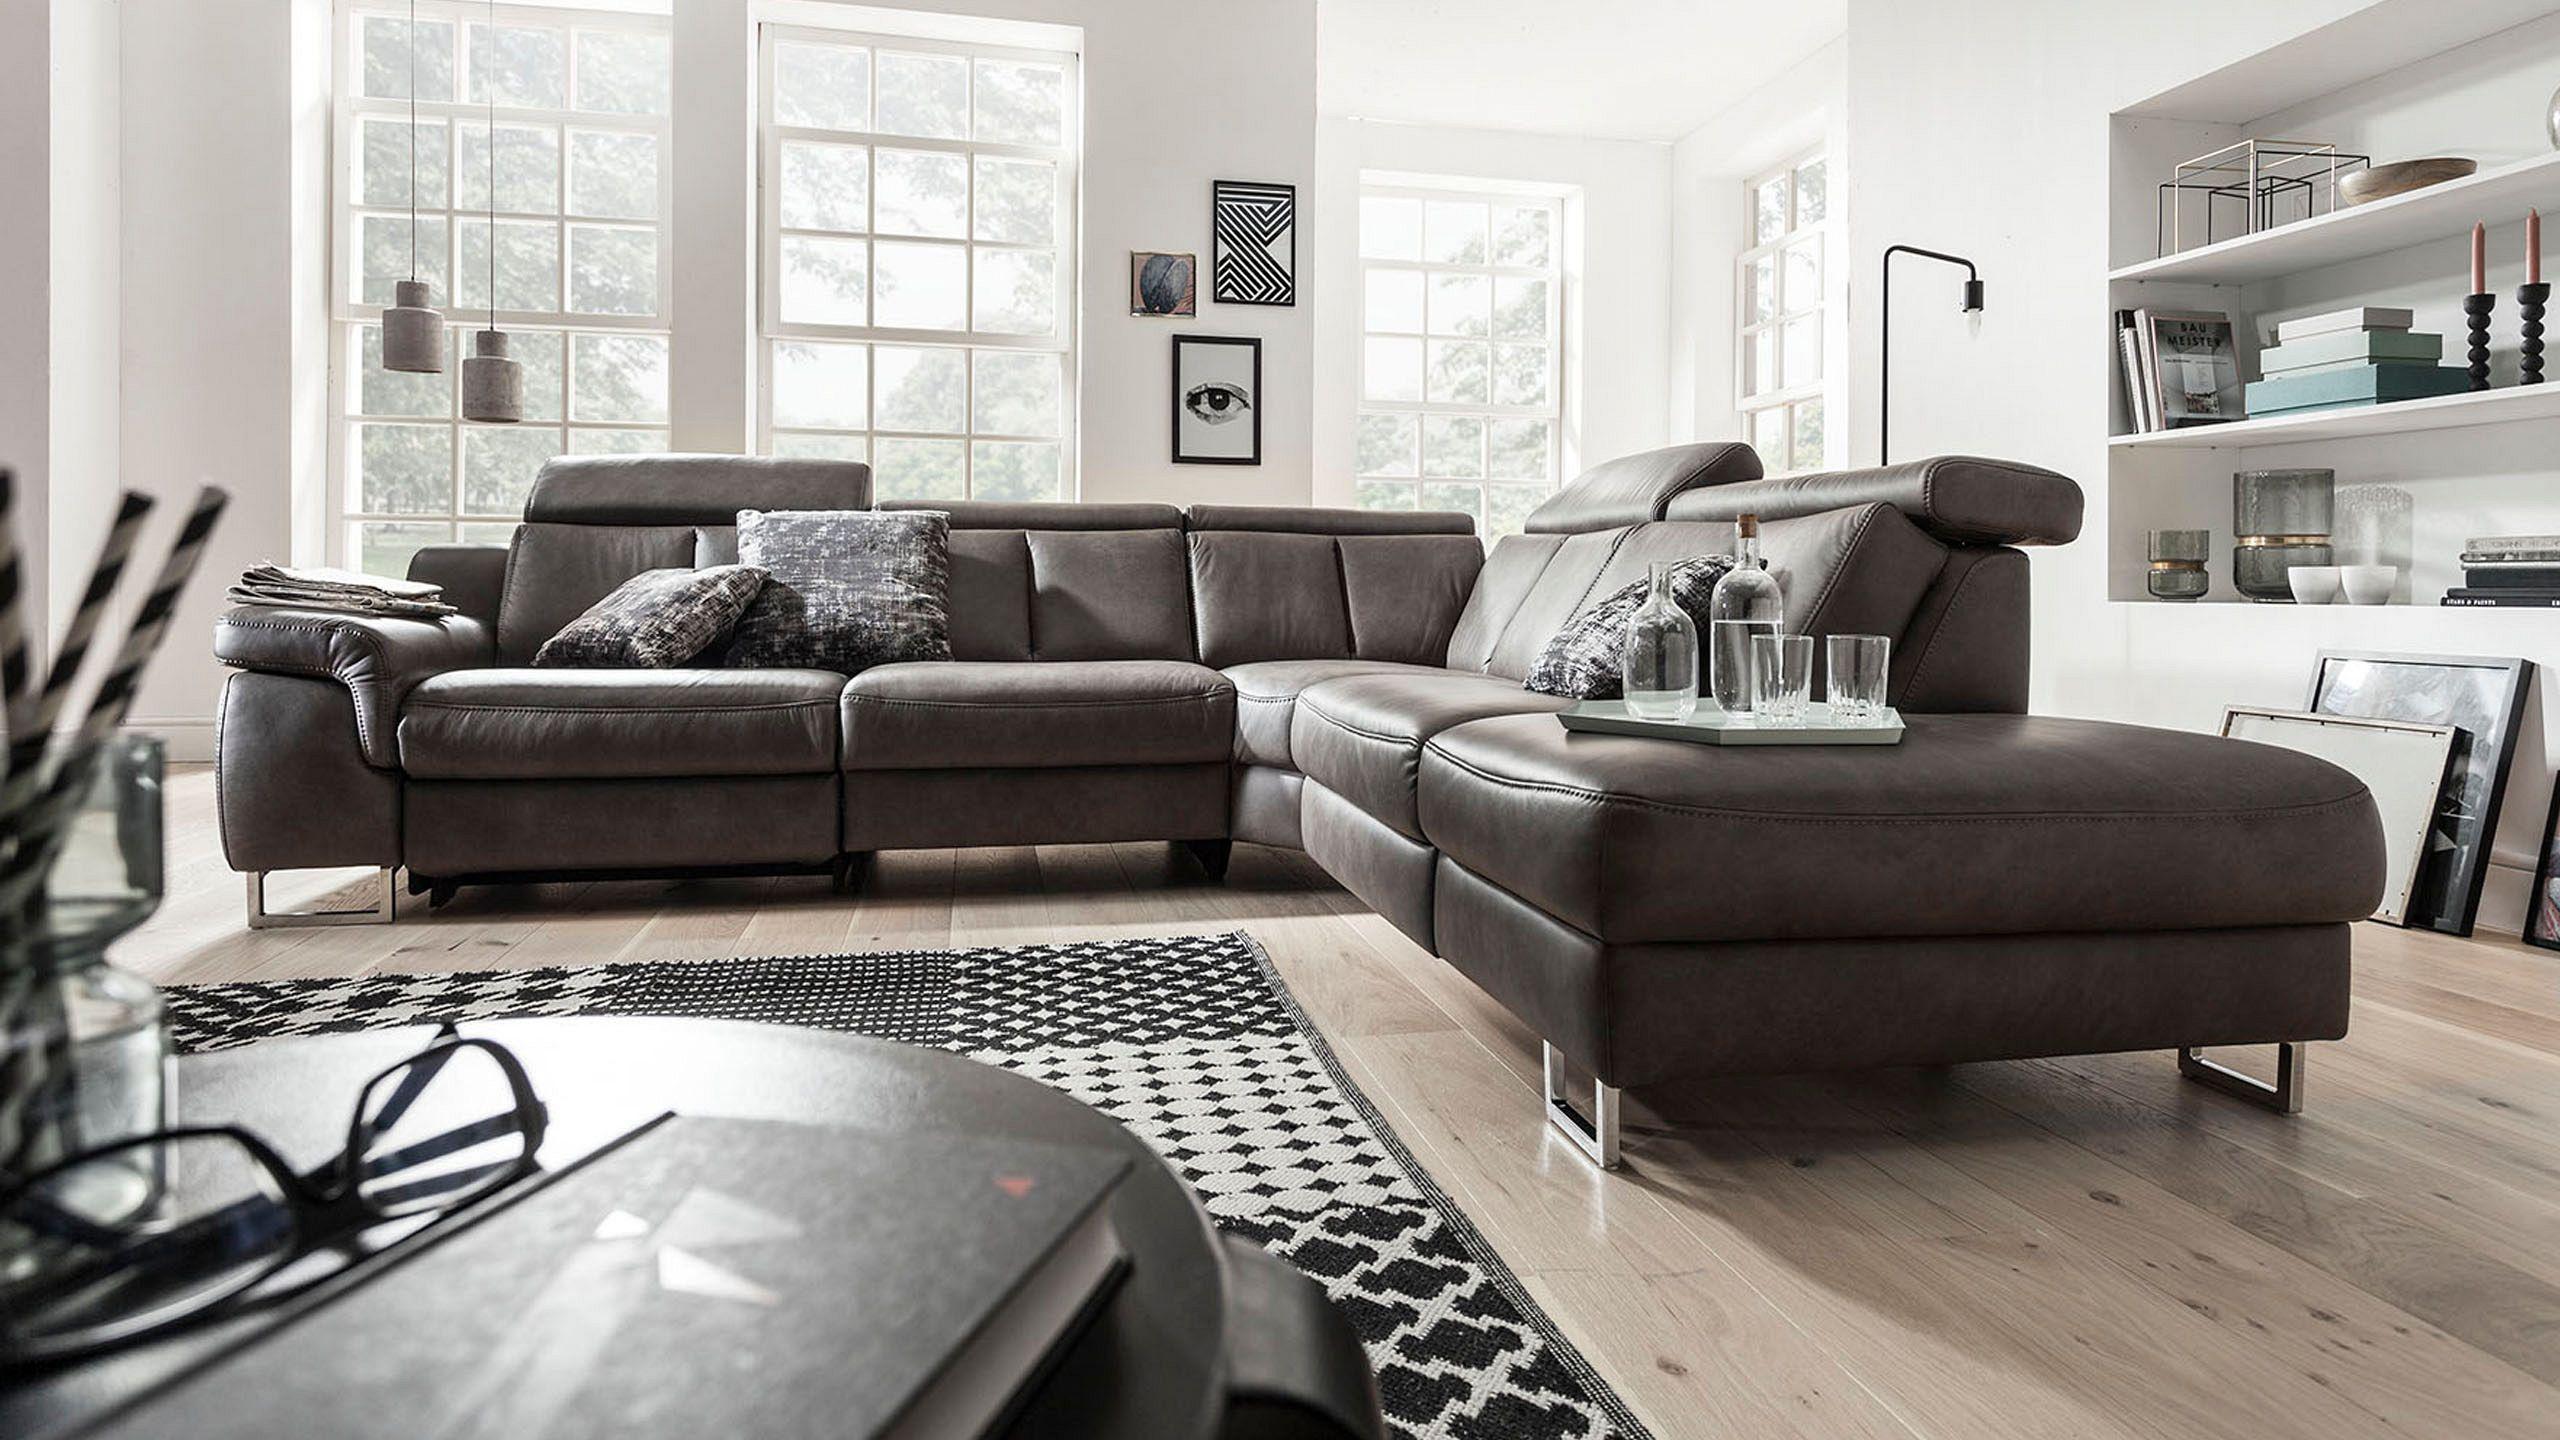 Interliving sofa serie 4050 interliving m bel f r mich for Wohnlandschaft inhofer